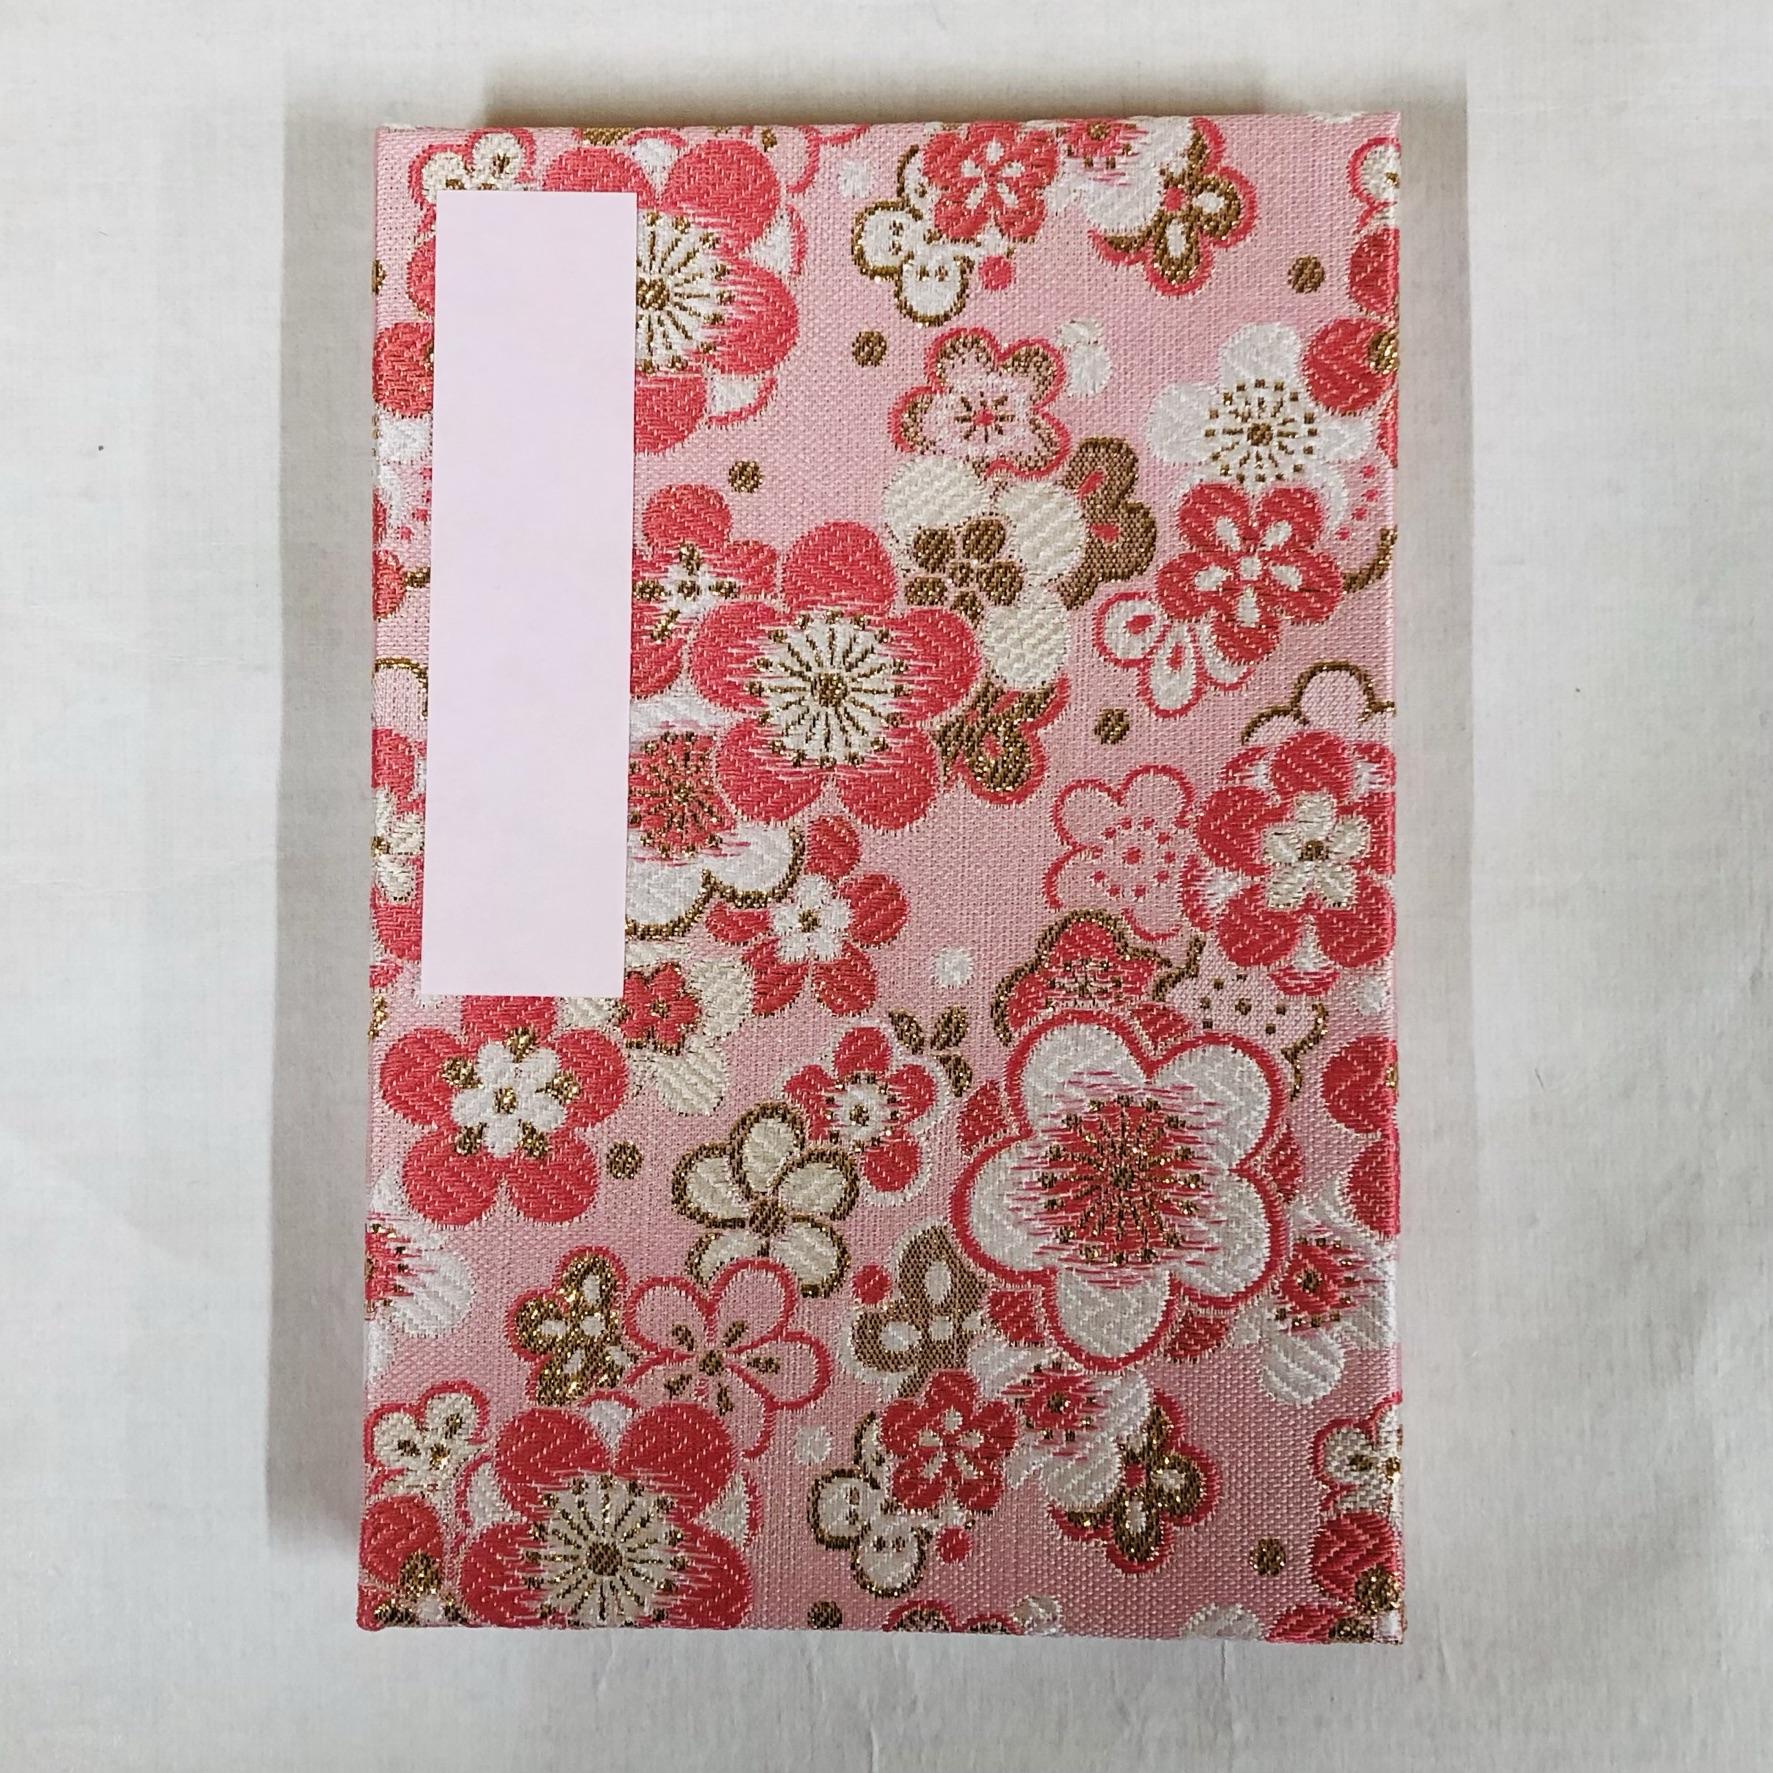 桃地に梅佳境 ピンク和紙 大判 蛇腹